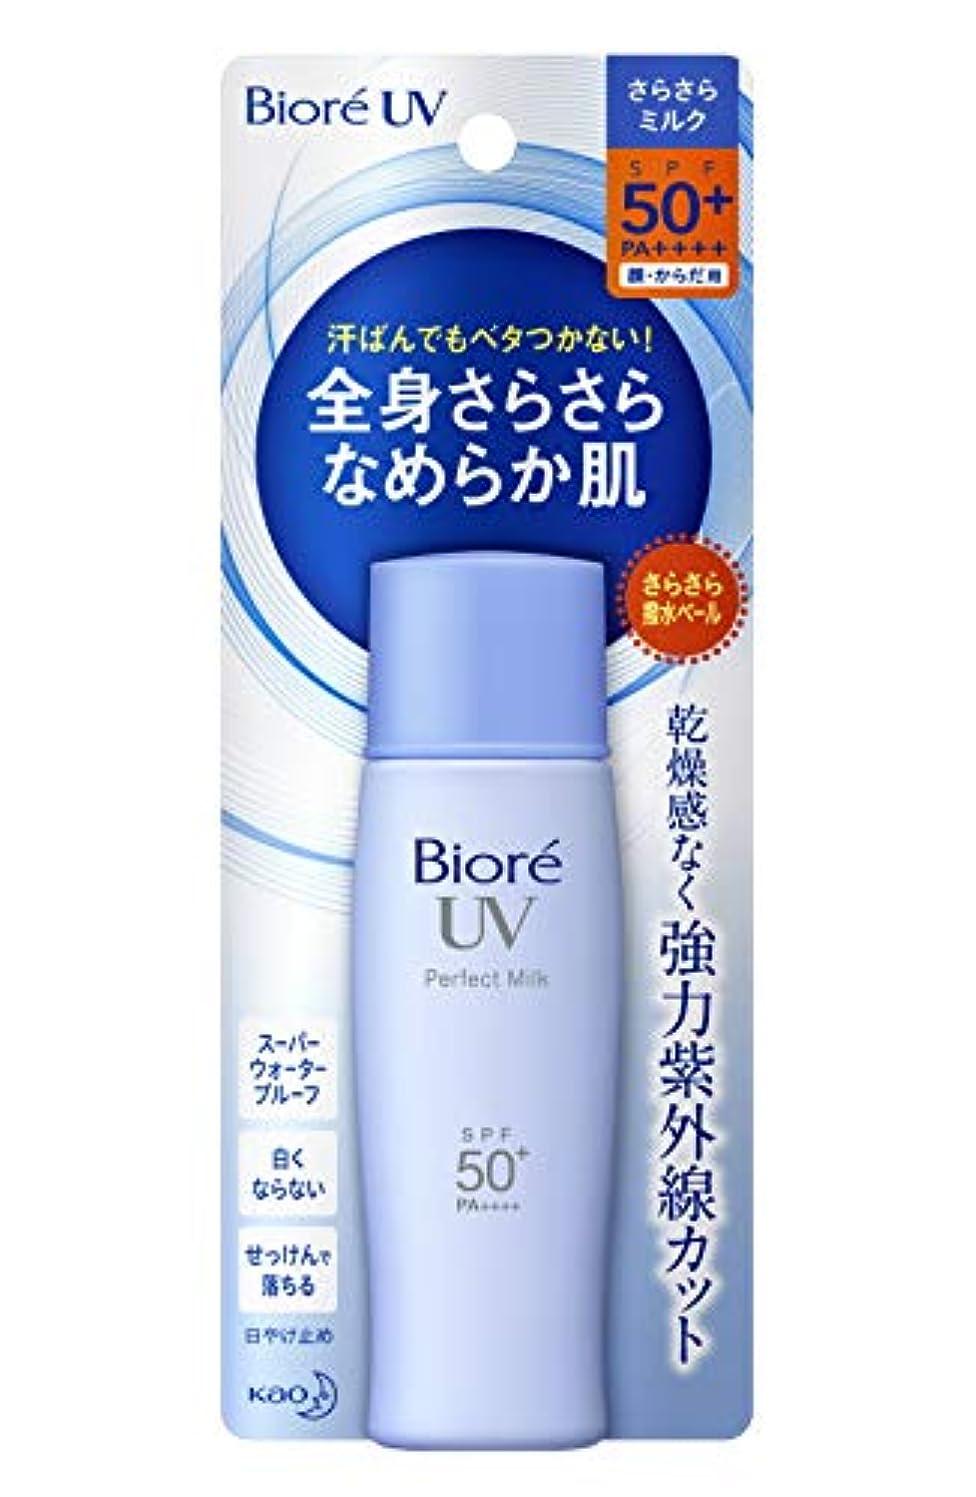 チューブ少なくとも家庭ビオレ UV さらさらパーフェクトミルク SPF50+/PA++++ 40ml